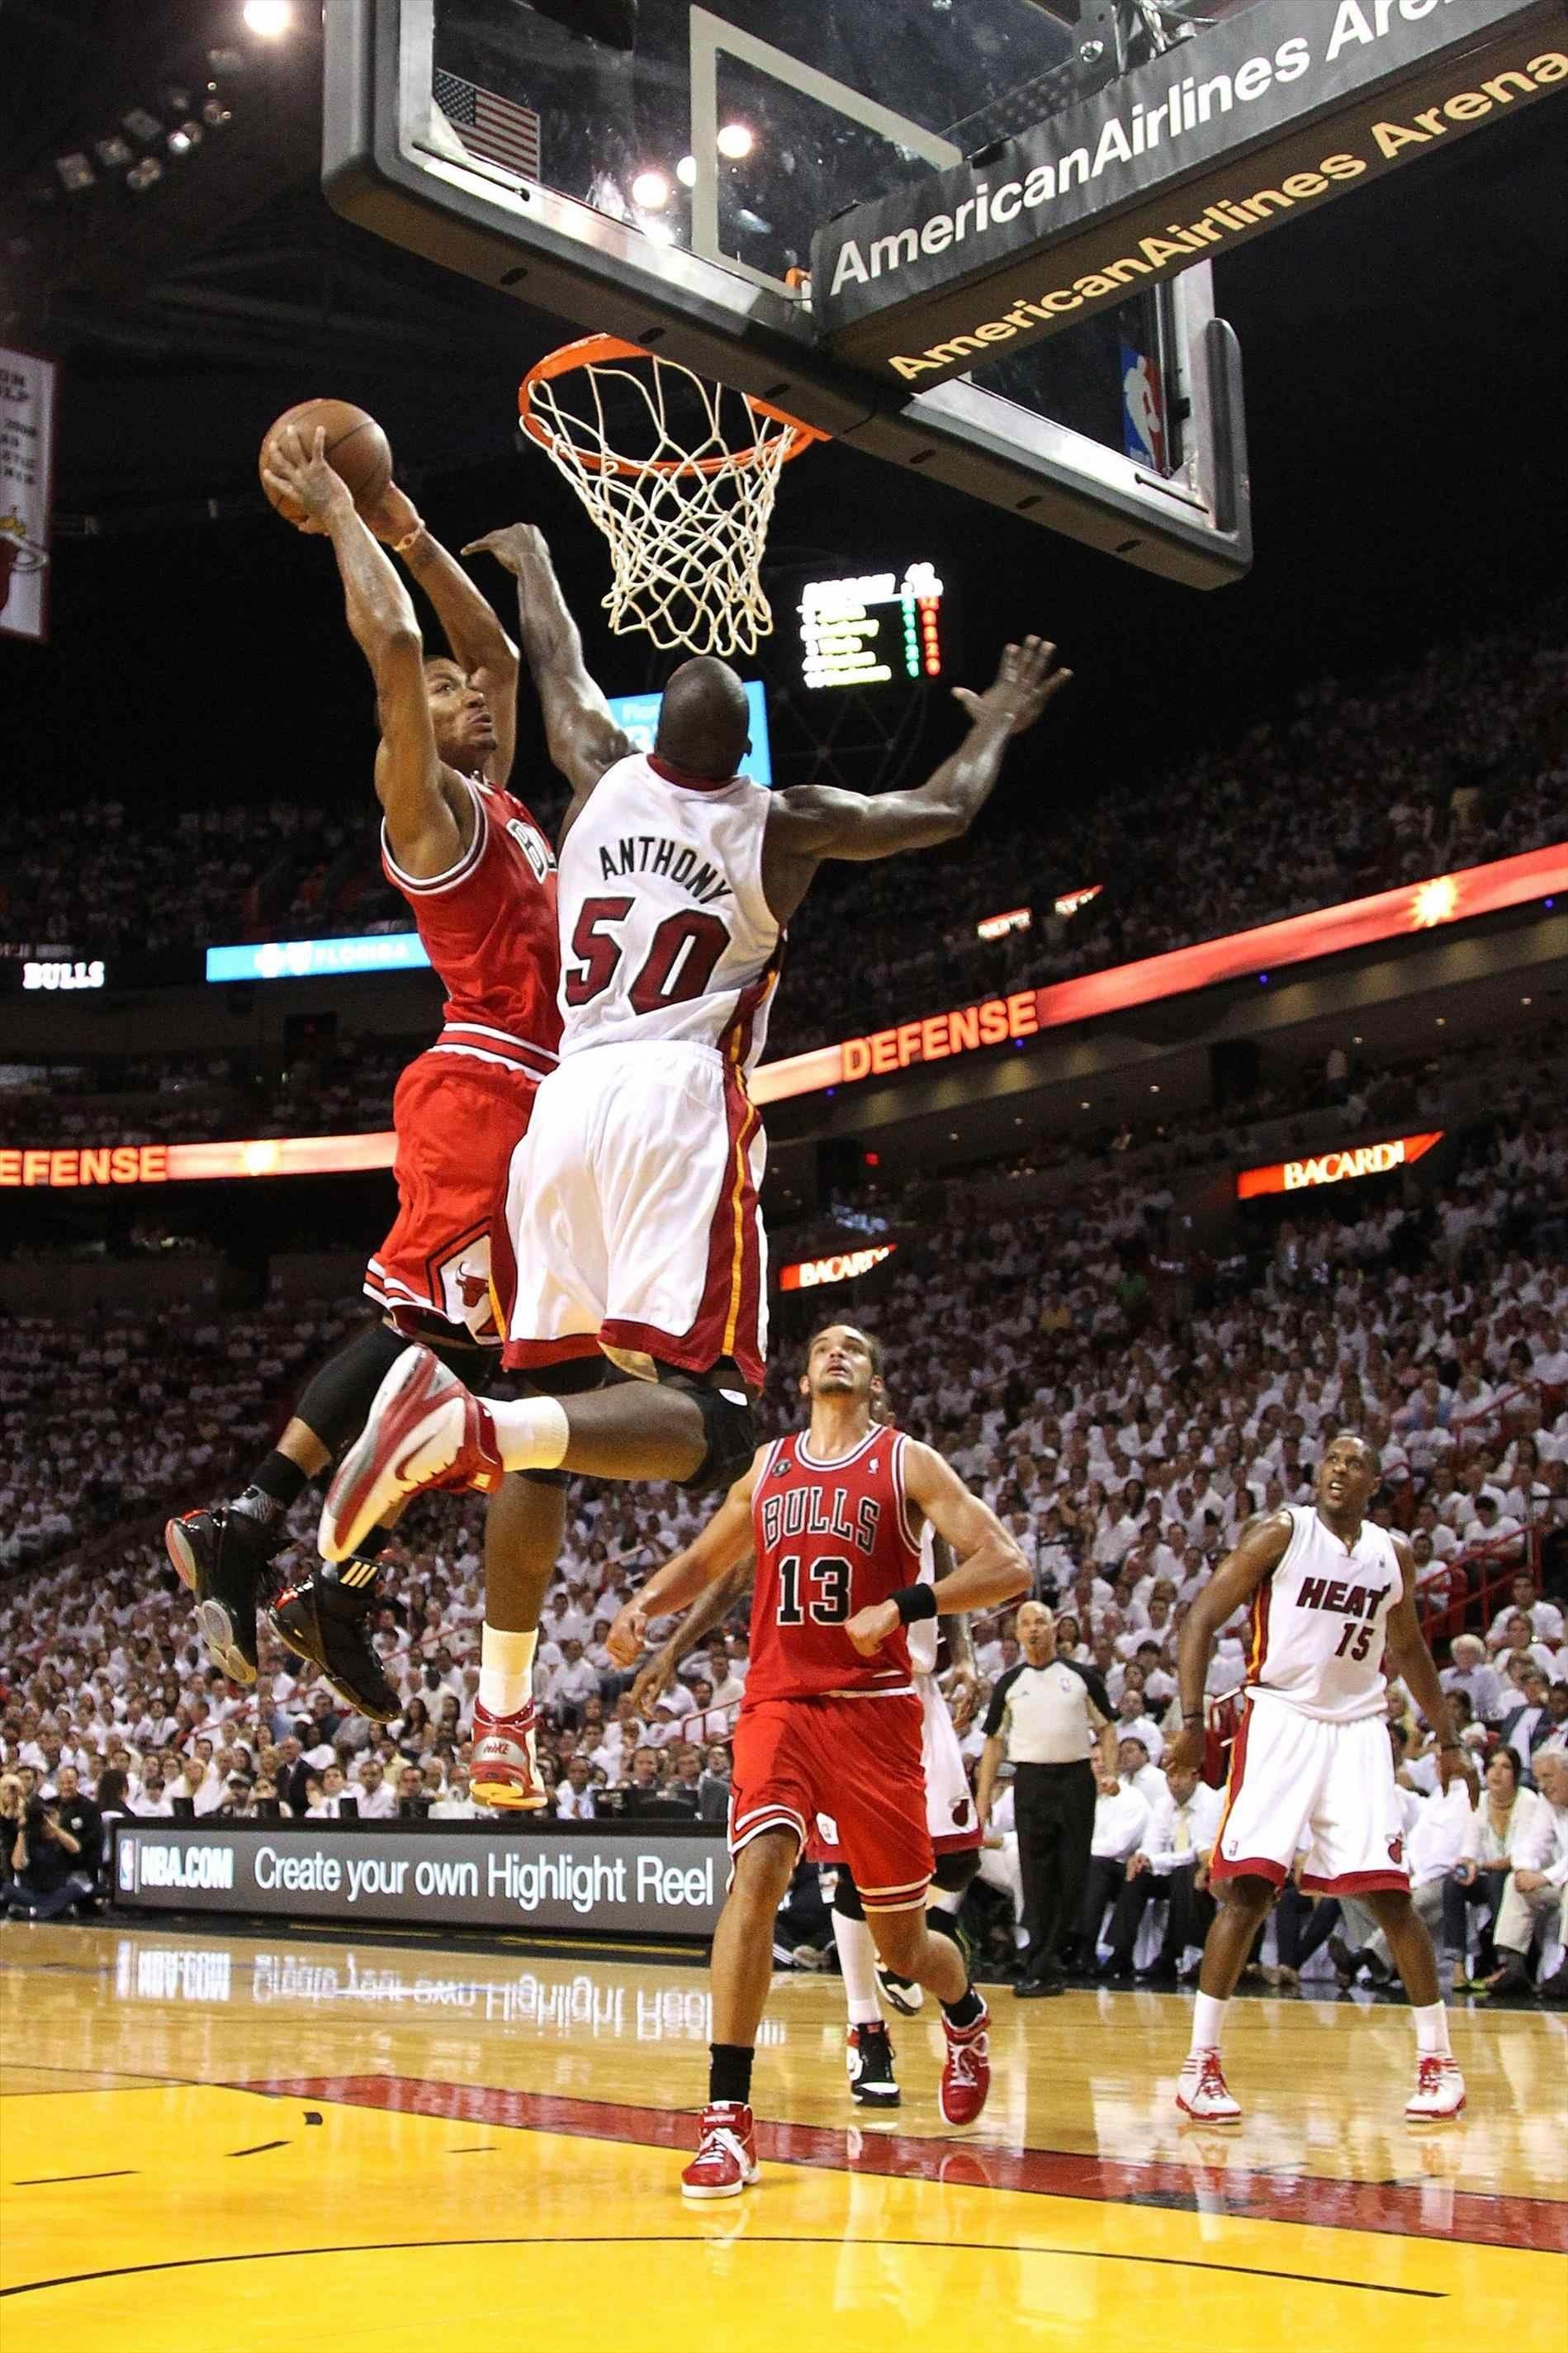 derrick rose wallpaper iphone,basketball bewegt sich,sport ...